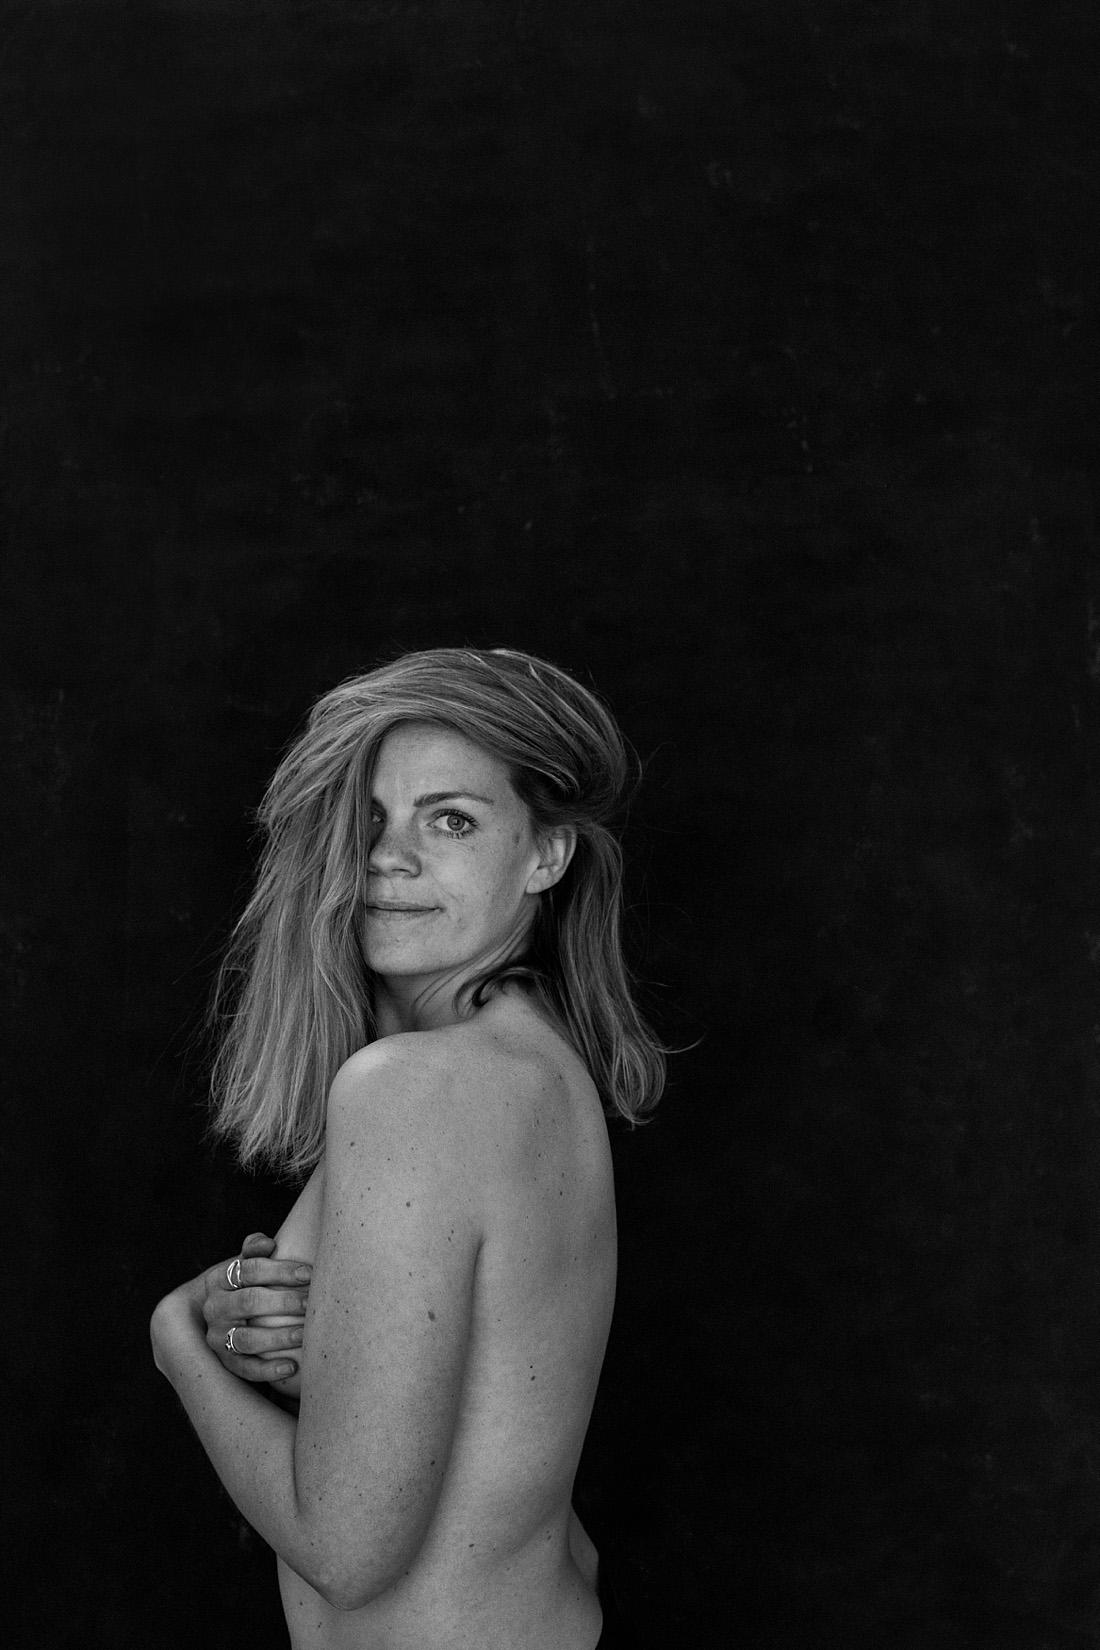 drempel-overstappen-door-fotos-zelfportret-tamara-breda